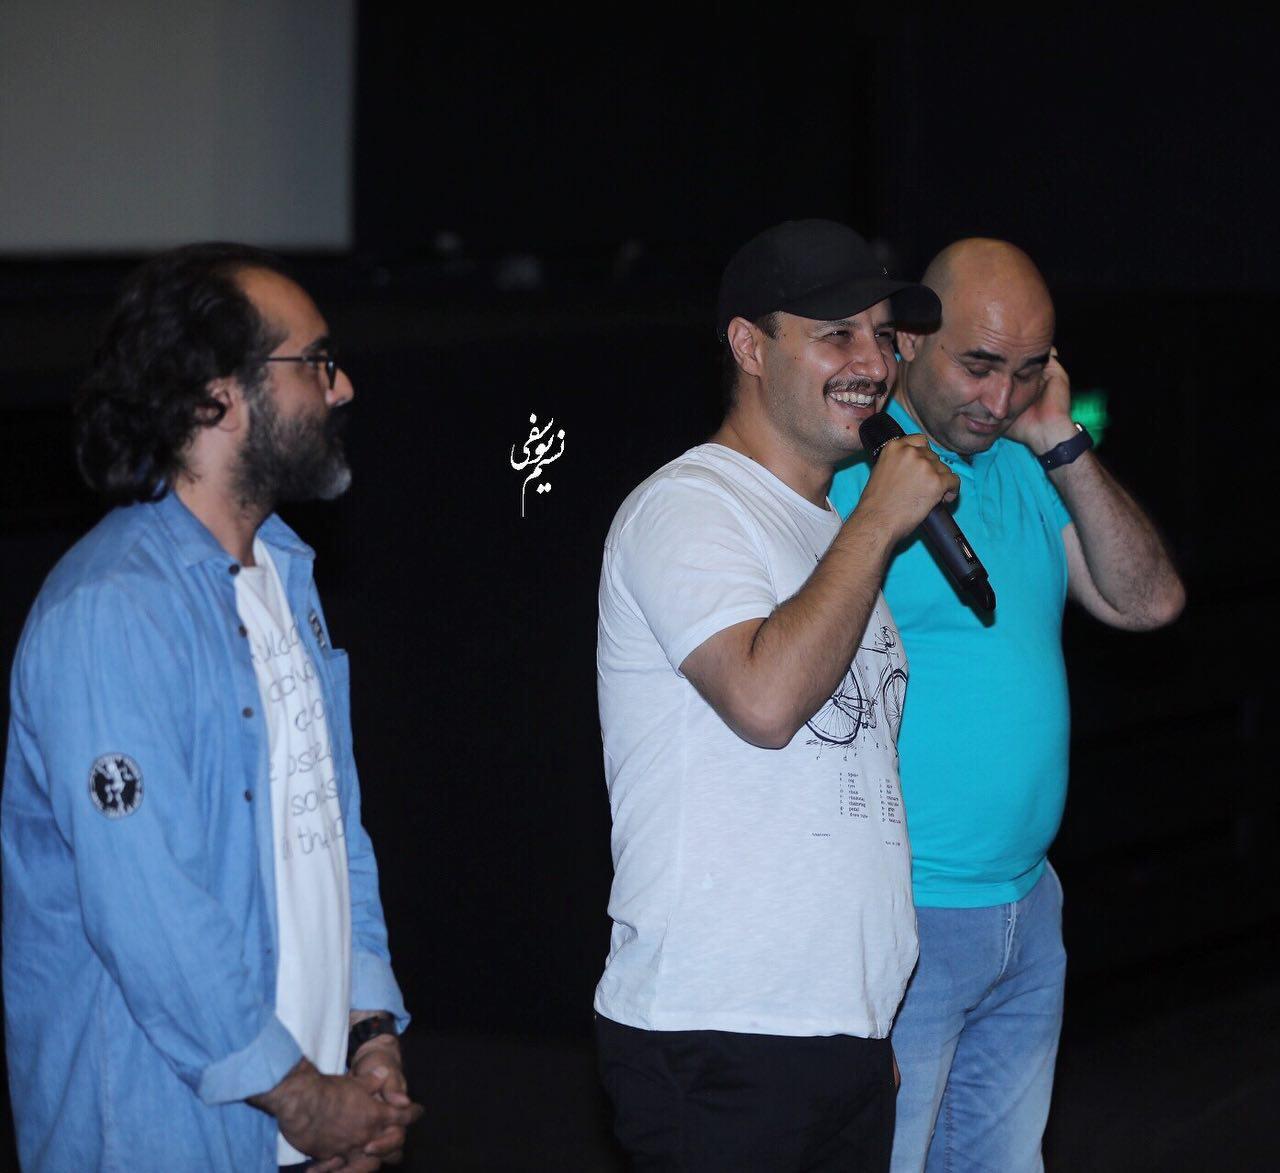 تماشای اکسیدان همراه با جواد عزتی